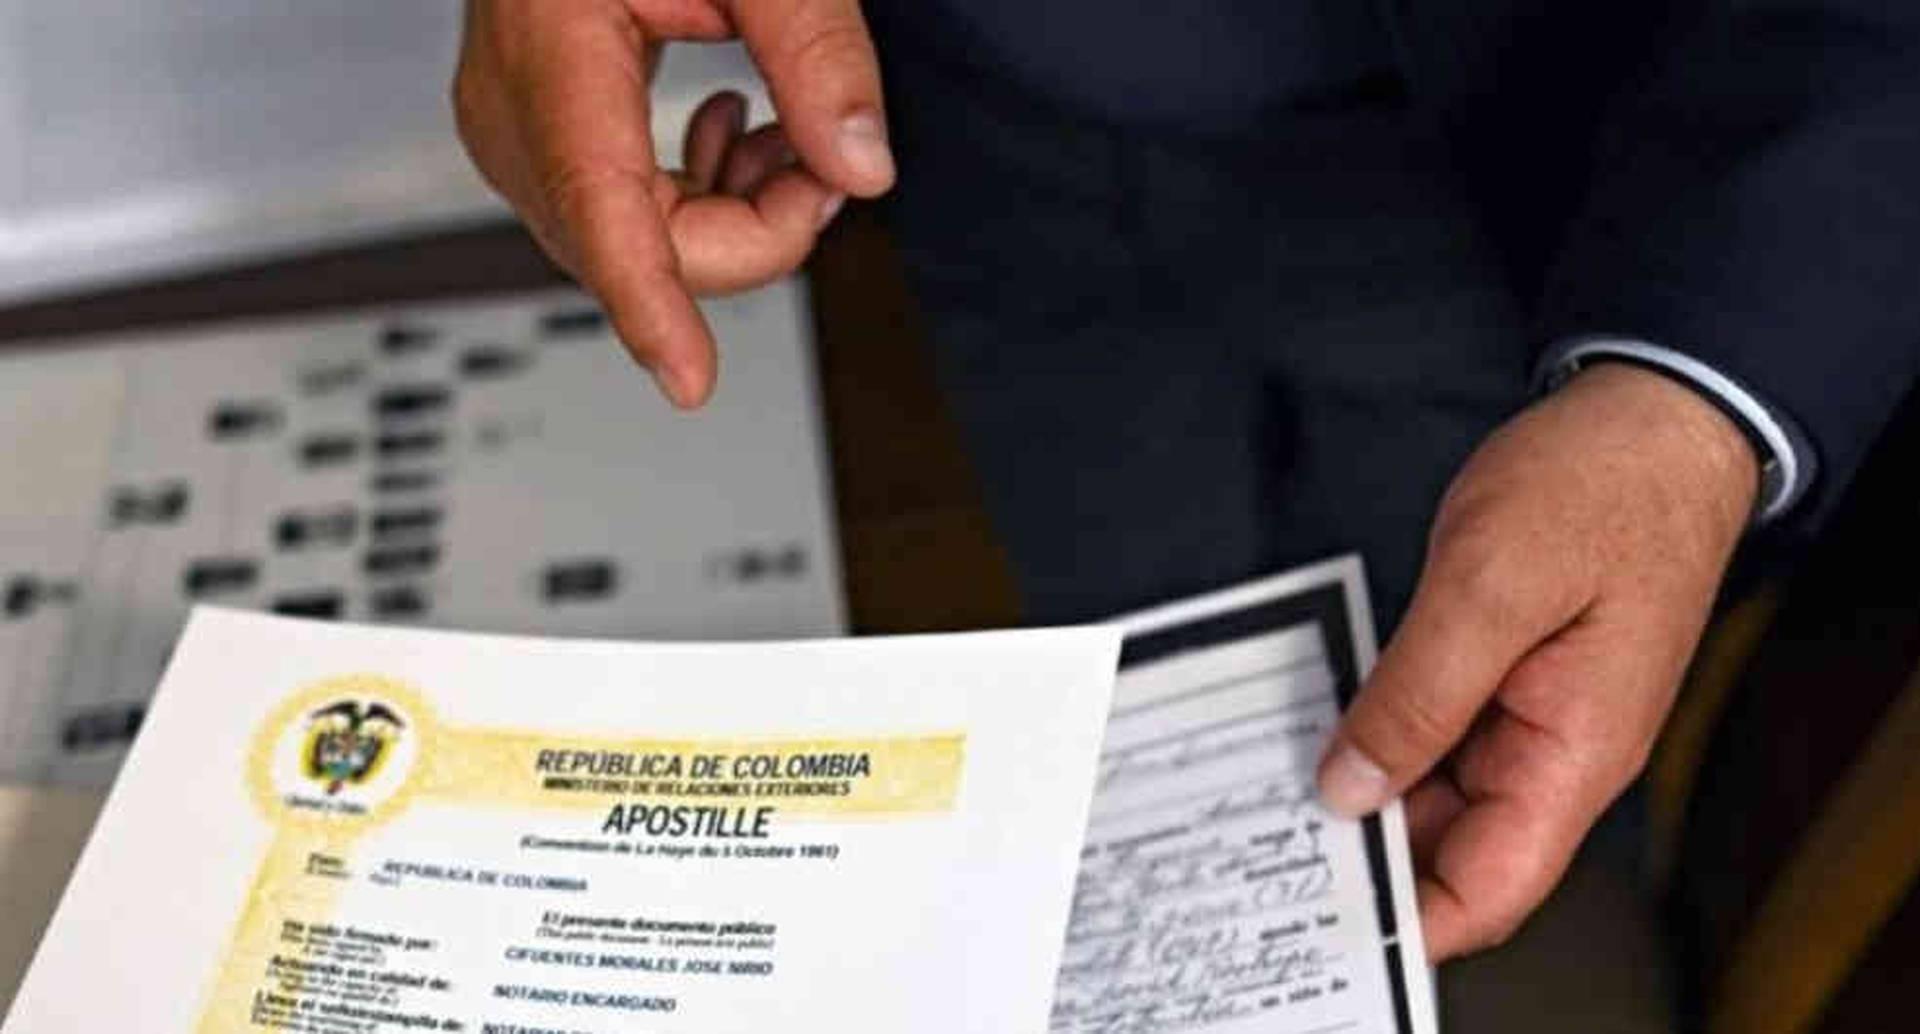 Los solicitantes debían probar conexiones judías de varios siglos atrás y pasar una serie de exámenes. Foto: AFP/BBC